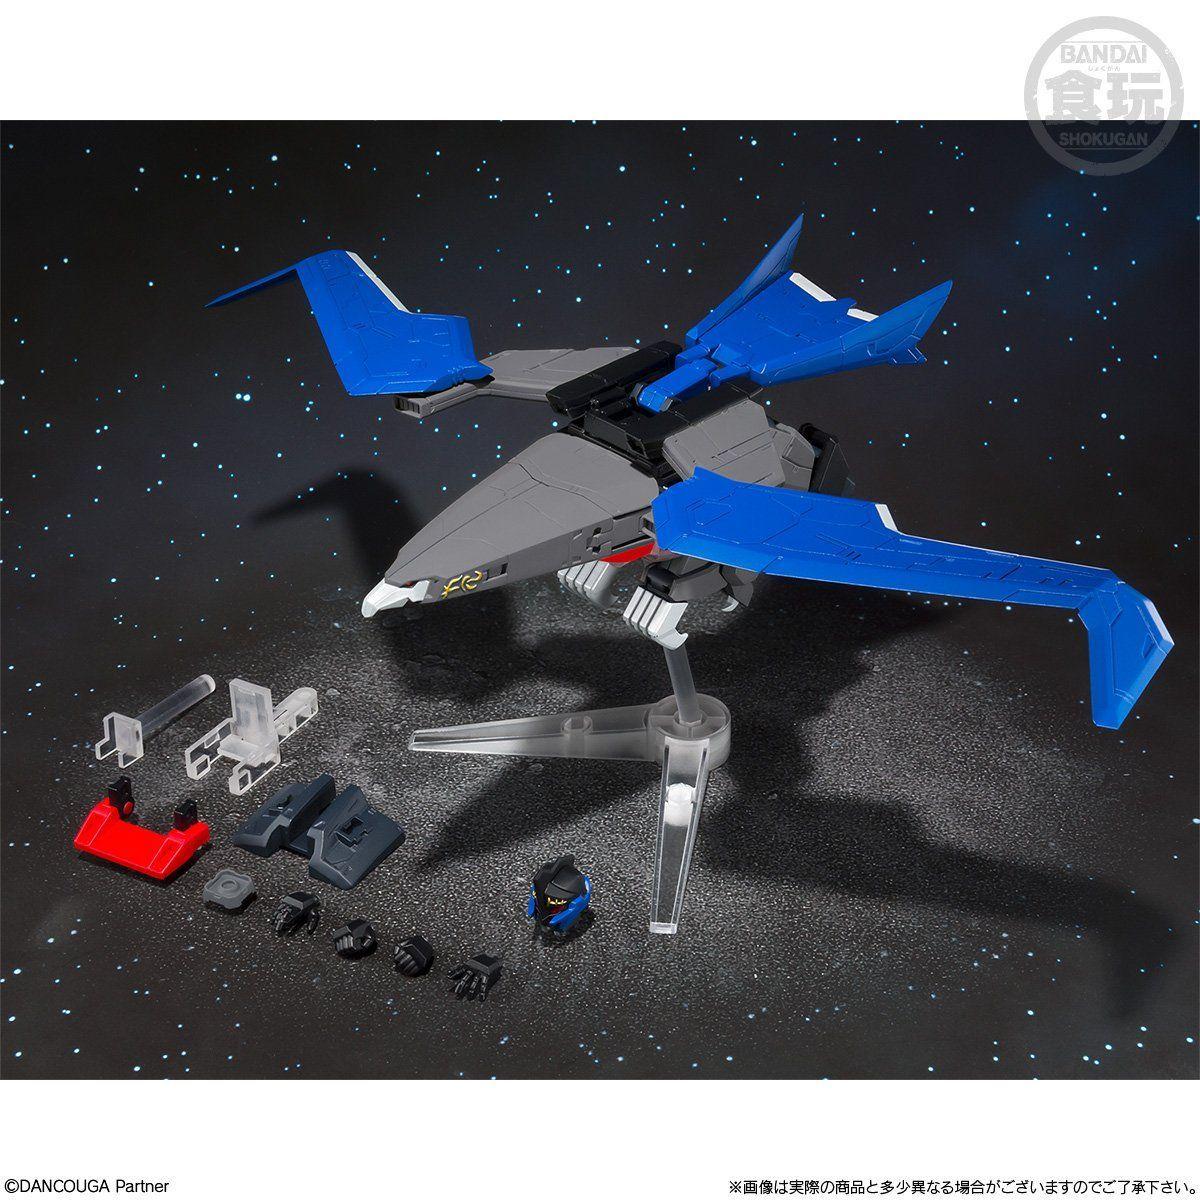 スーパーミニプラ 超獣機神ダンクーガ ブラックウイング08